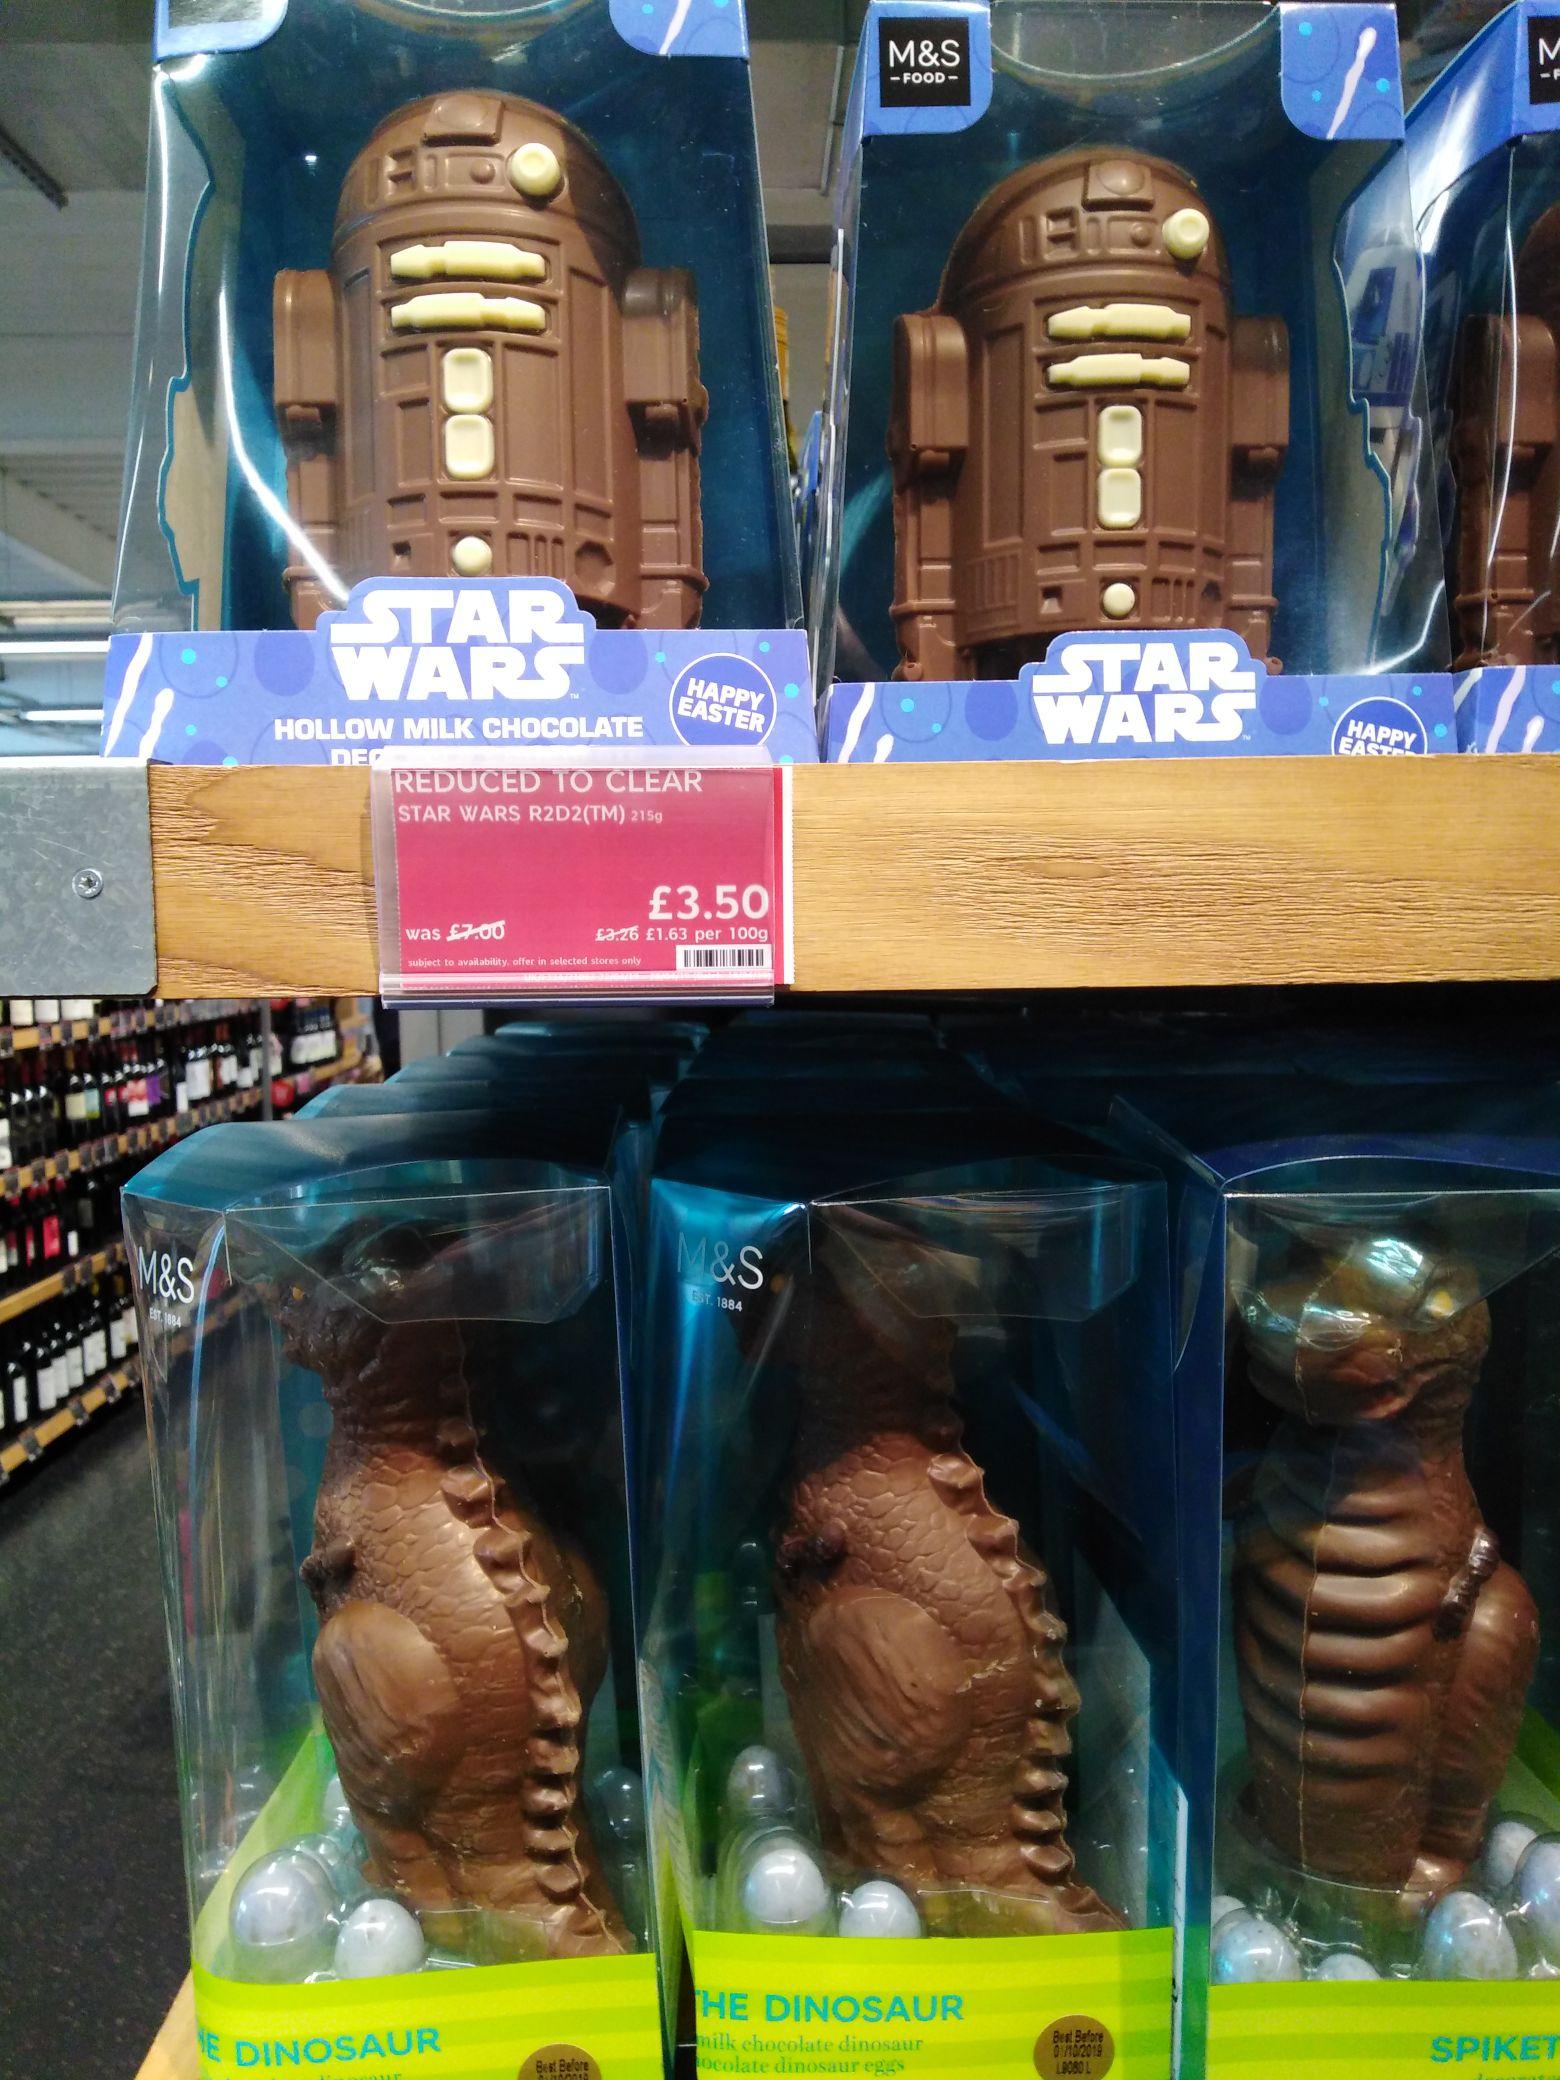 Marks & Spencer Easter Half Price - Star Wars Egg £3.50